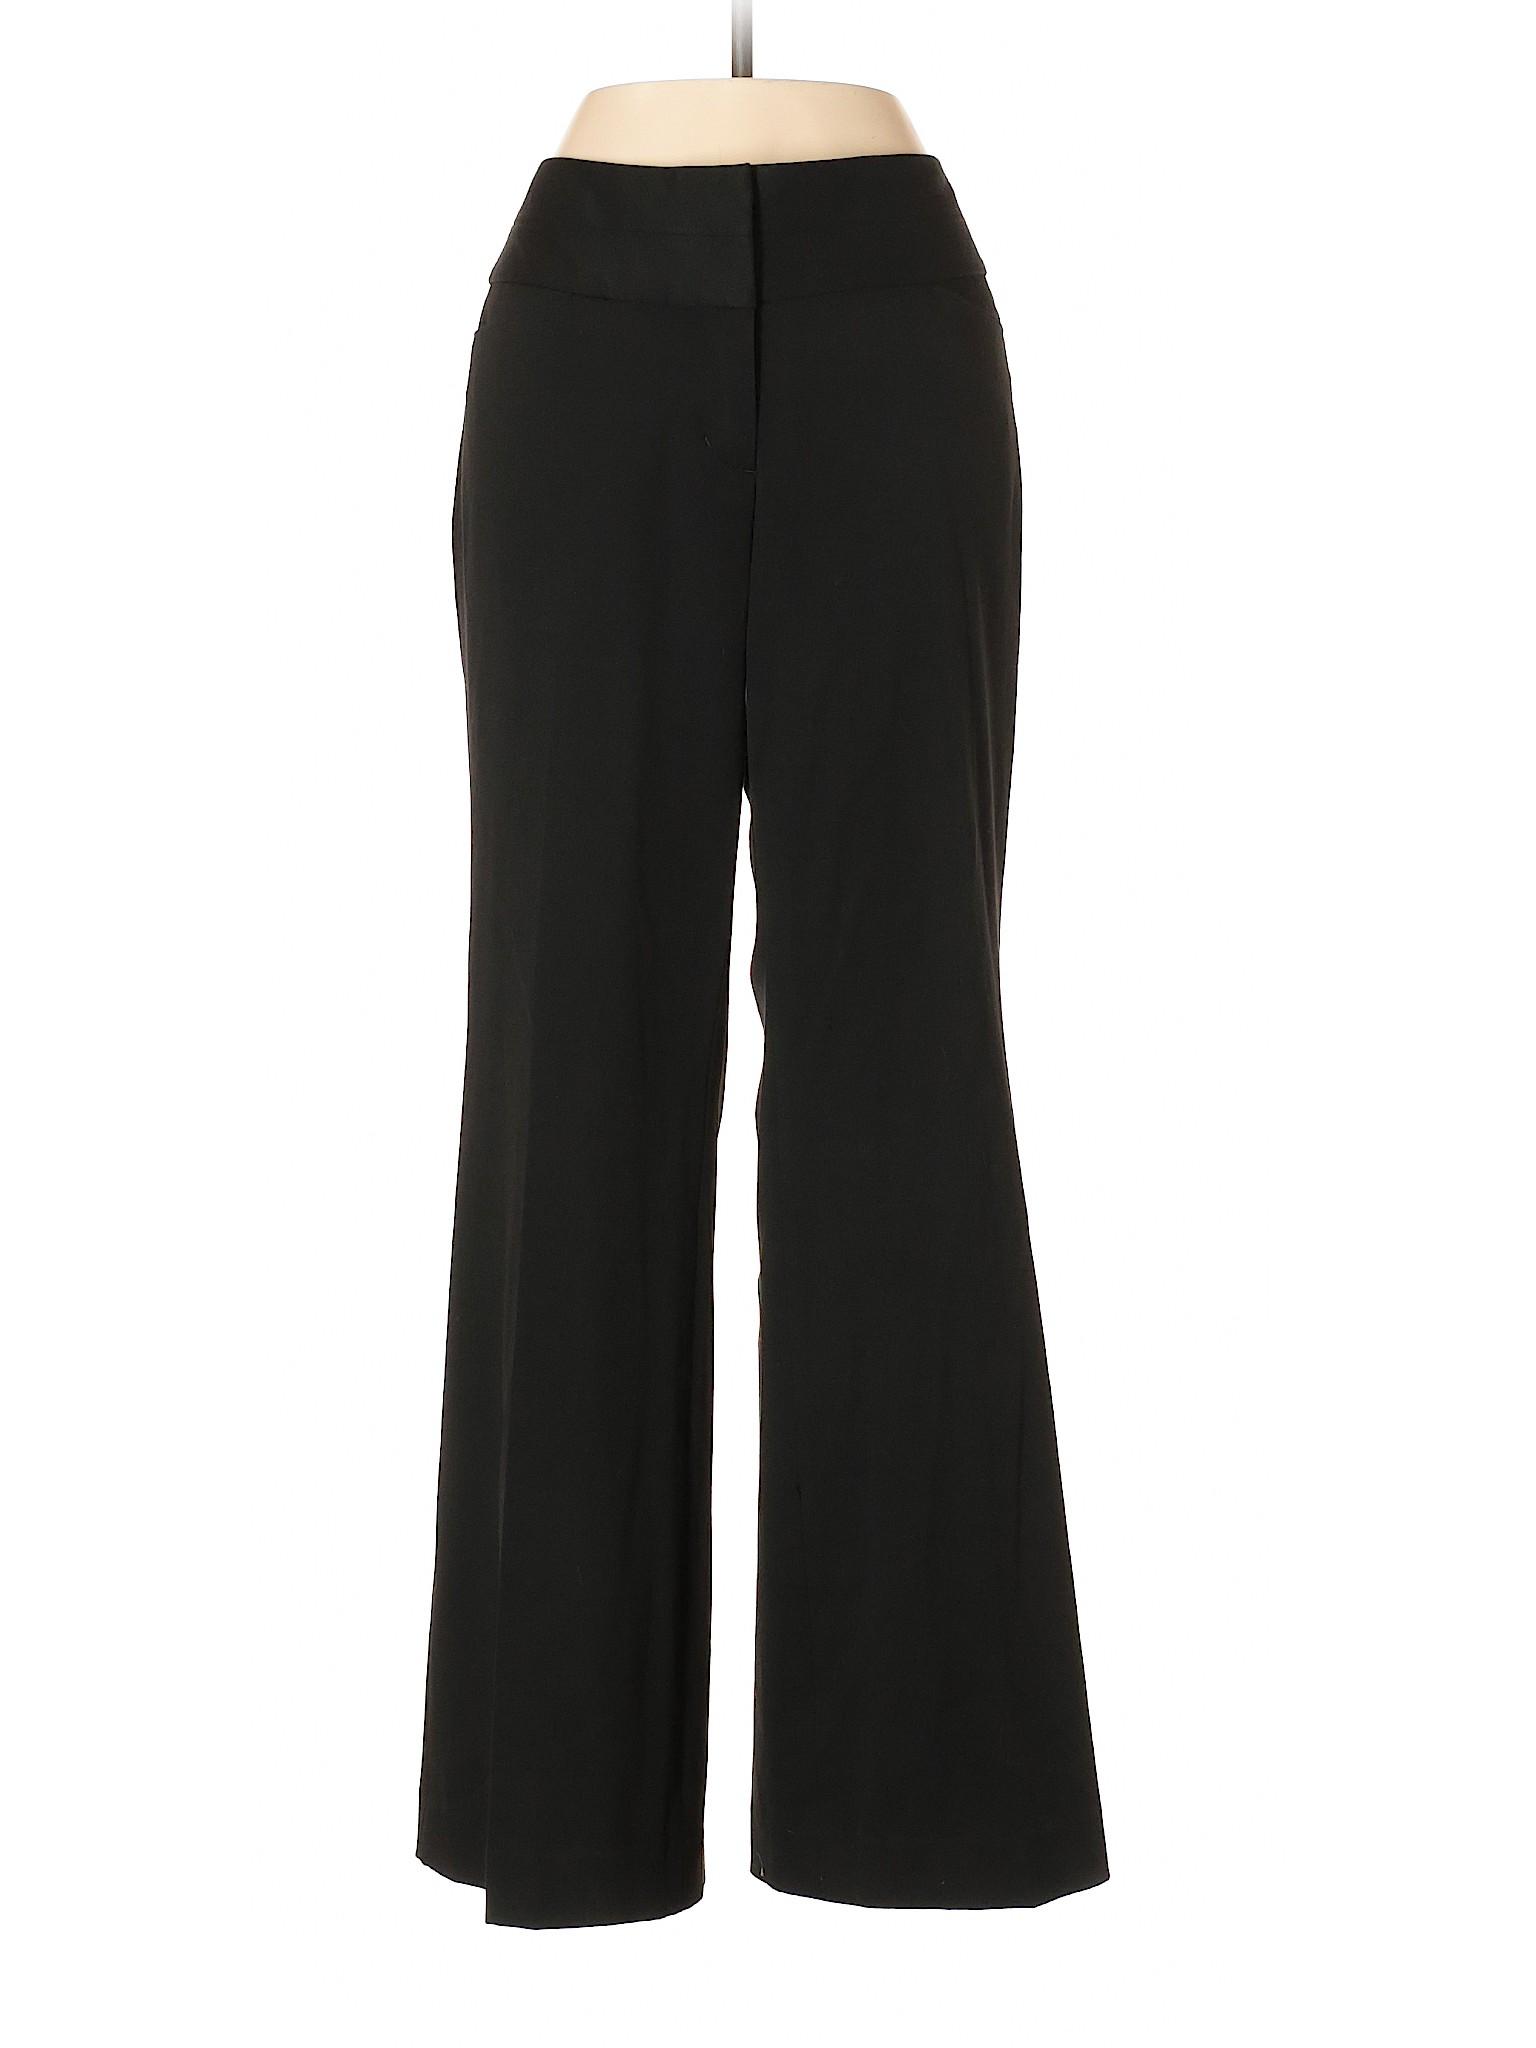 Boutique Dress Boutique Express Express Boutique Pants Dress Pants W66nIz